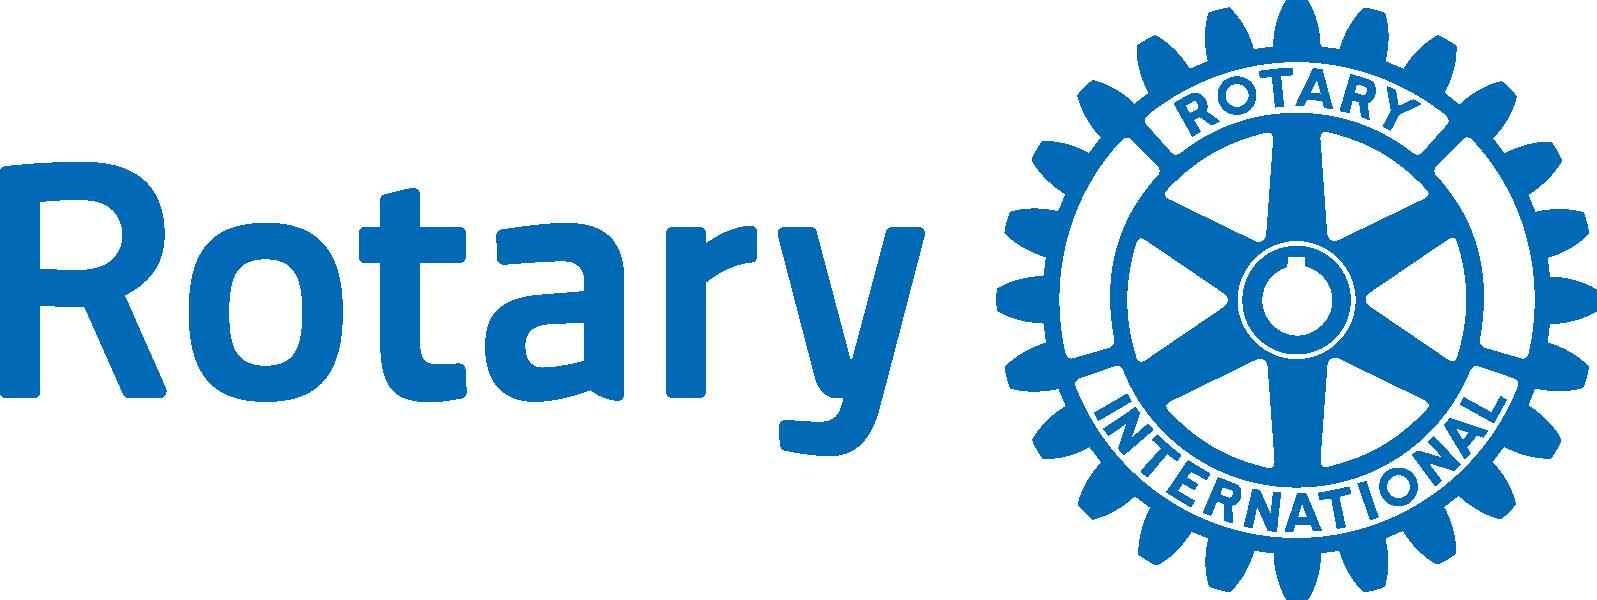 Rotary Masterbrand - Azure